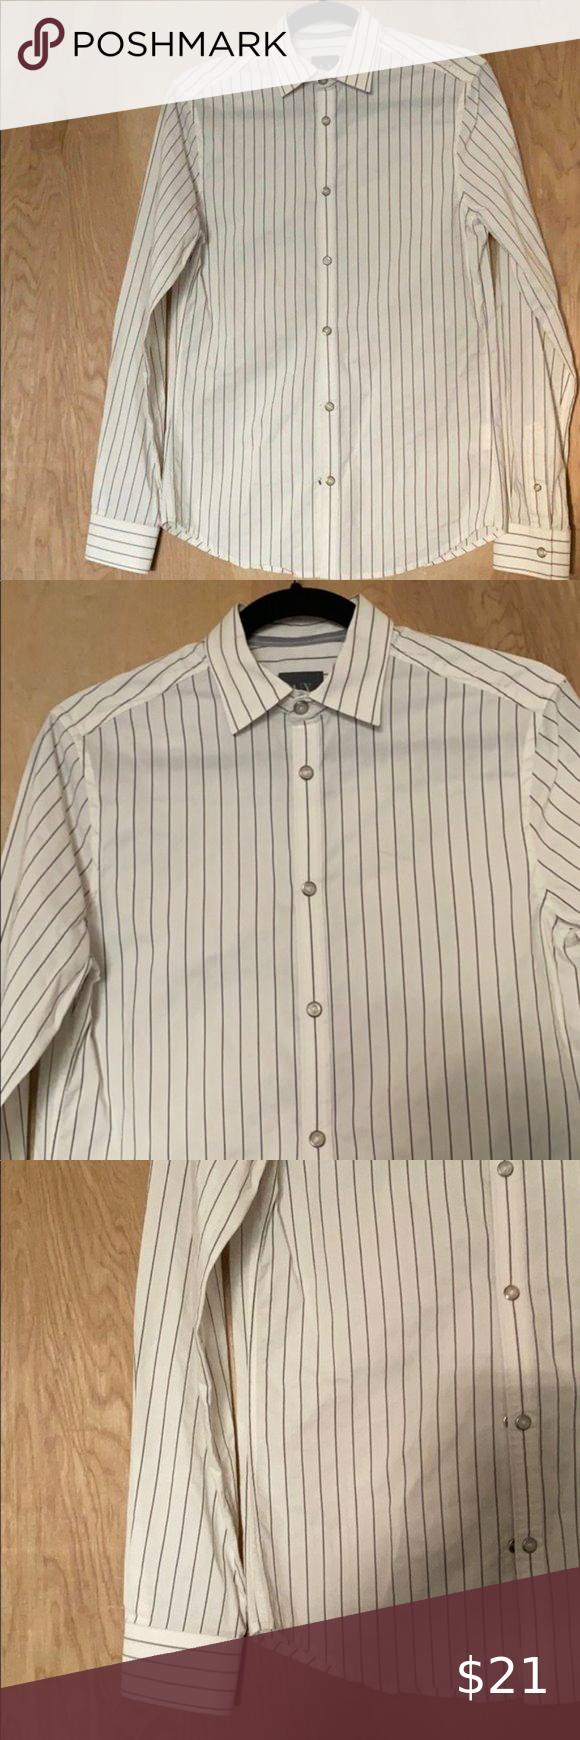 Armani Men S White Black Striped Dress Shirt Xs Black Stripe Dress Shirt Shirt Dress Cropped Faux Leather Jacket [ 1740 x 580 Pixel ]